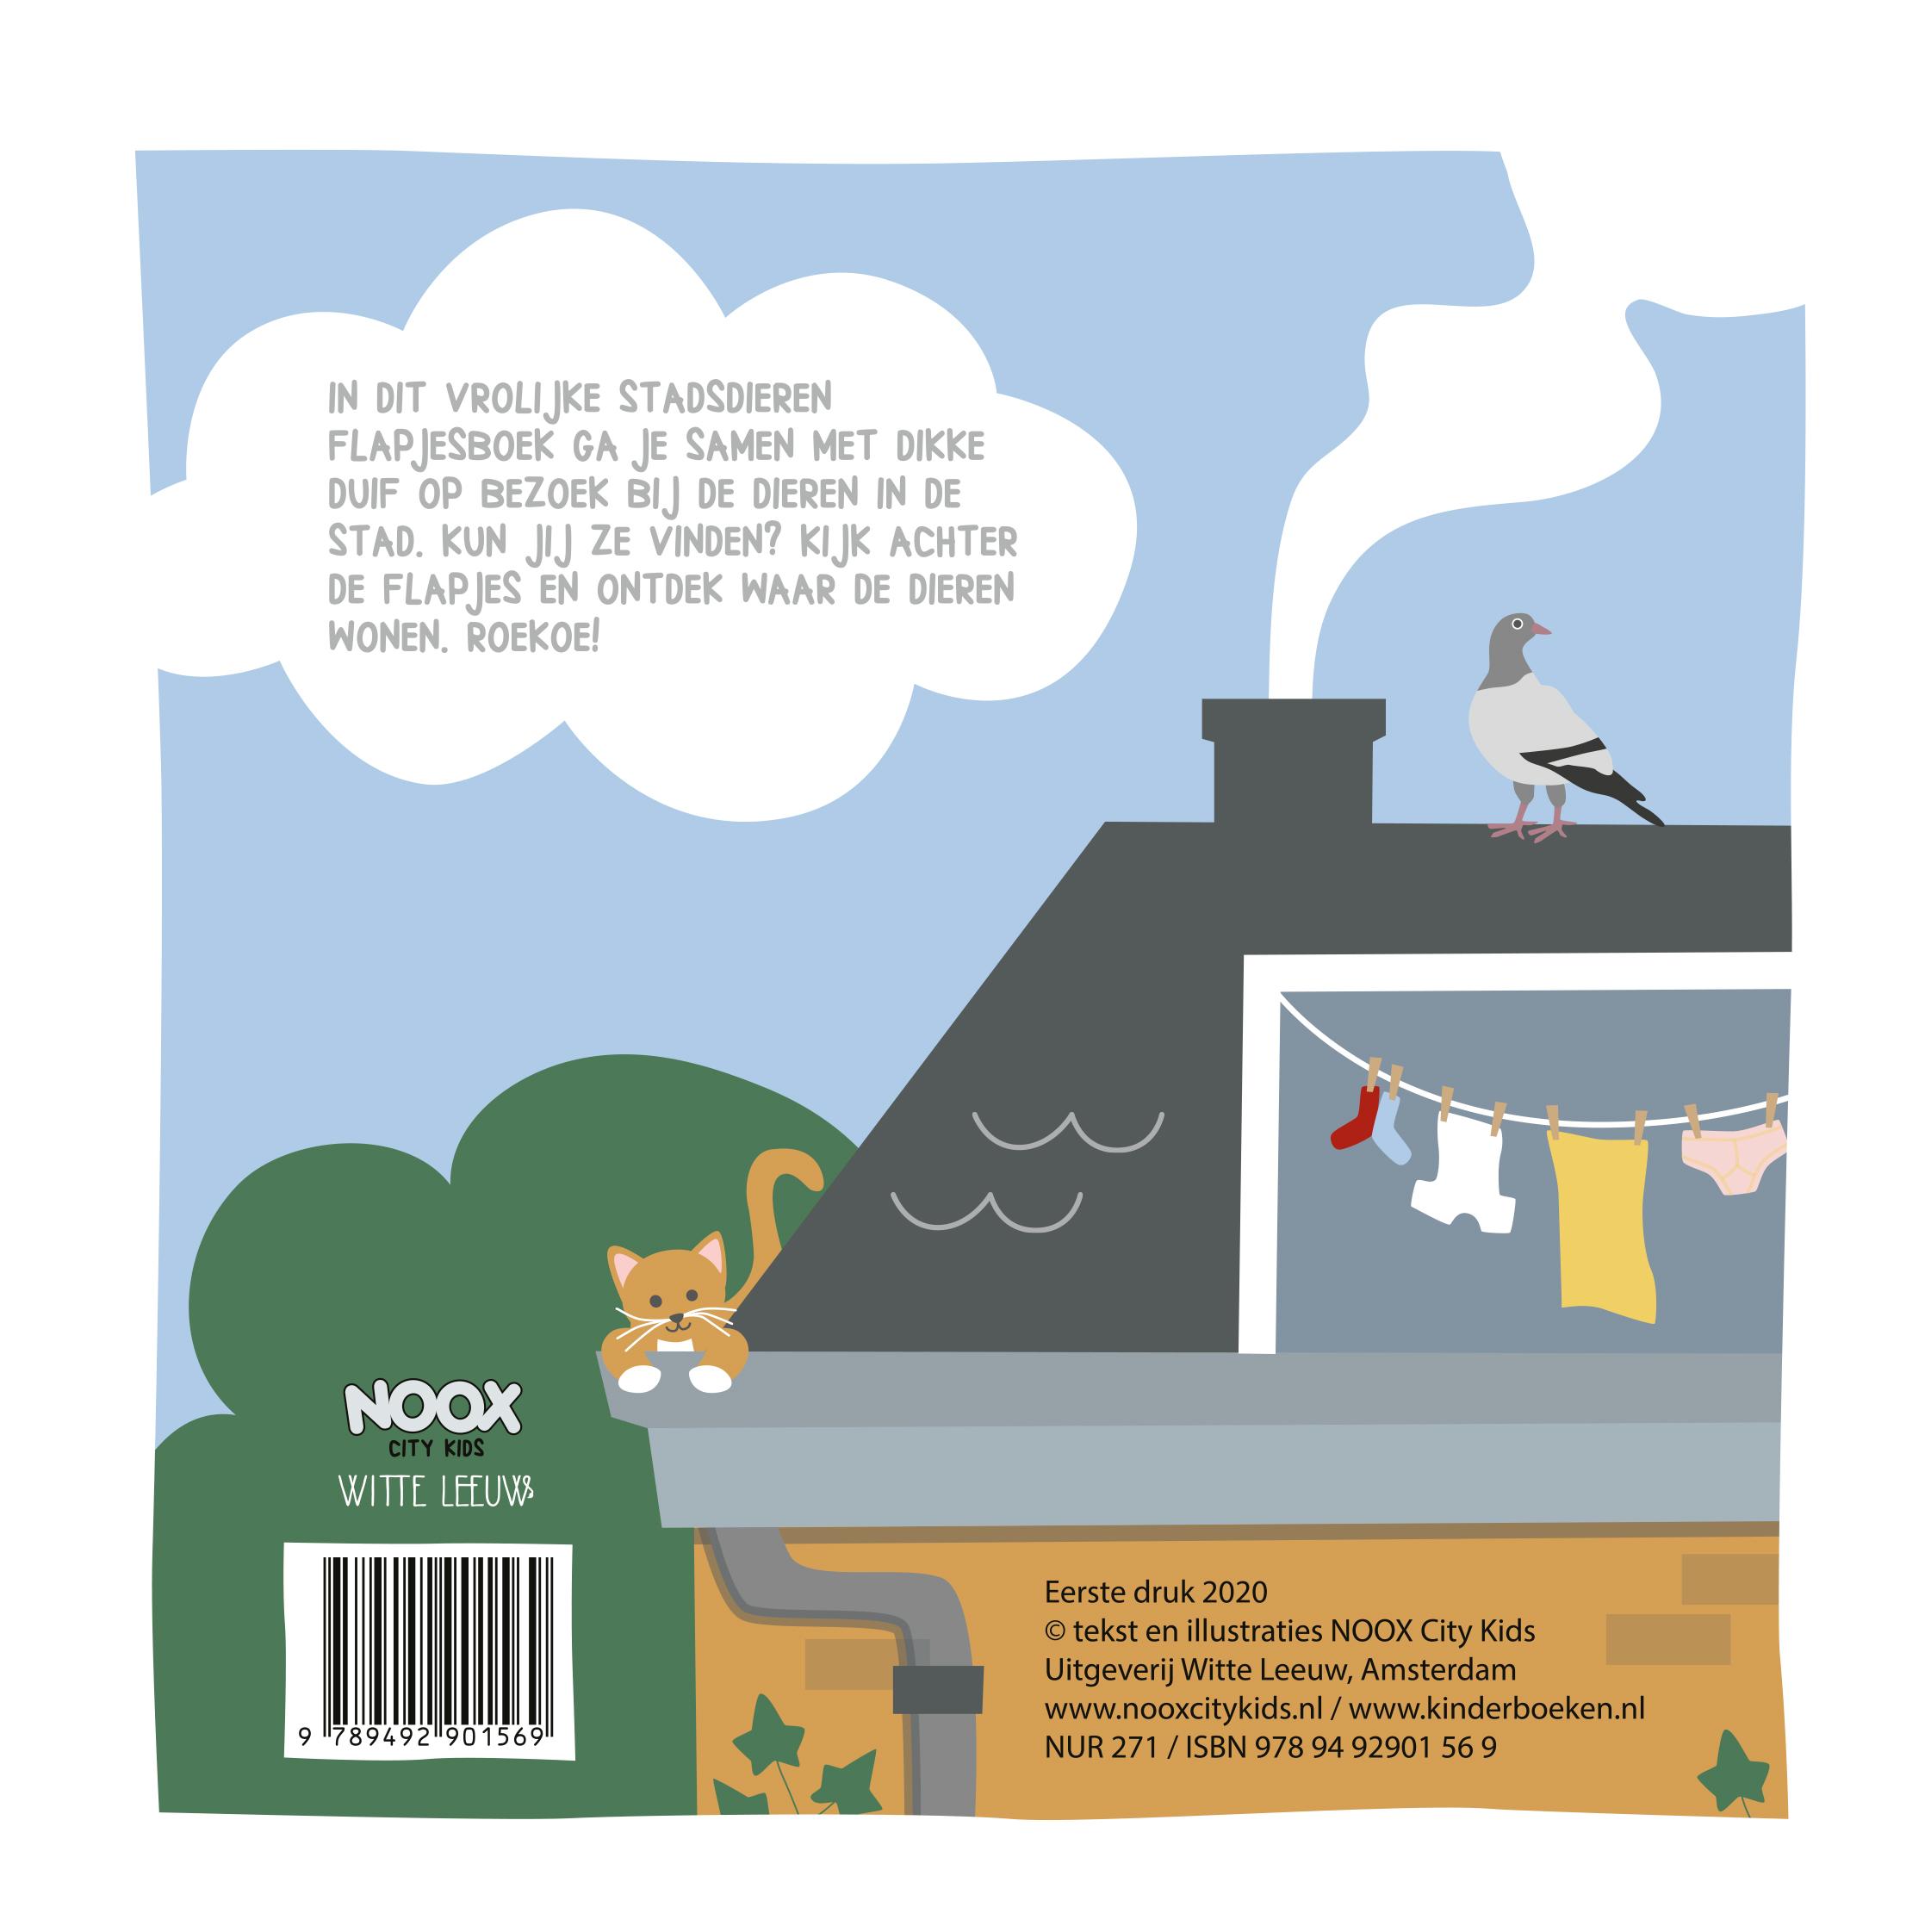 Het vrolijke stadsdieren flapjesboek